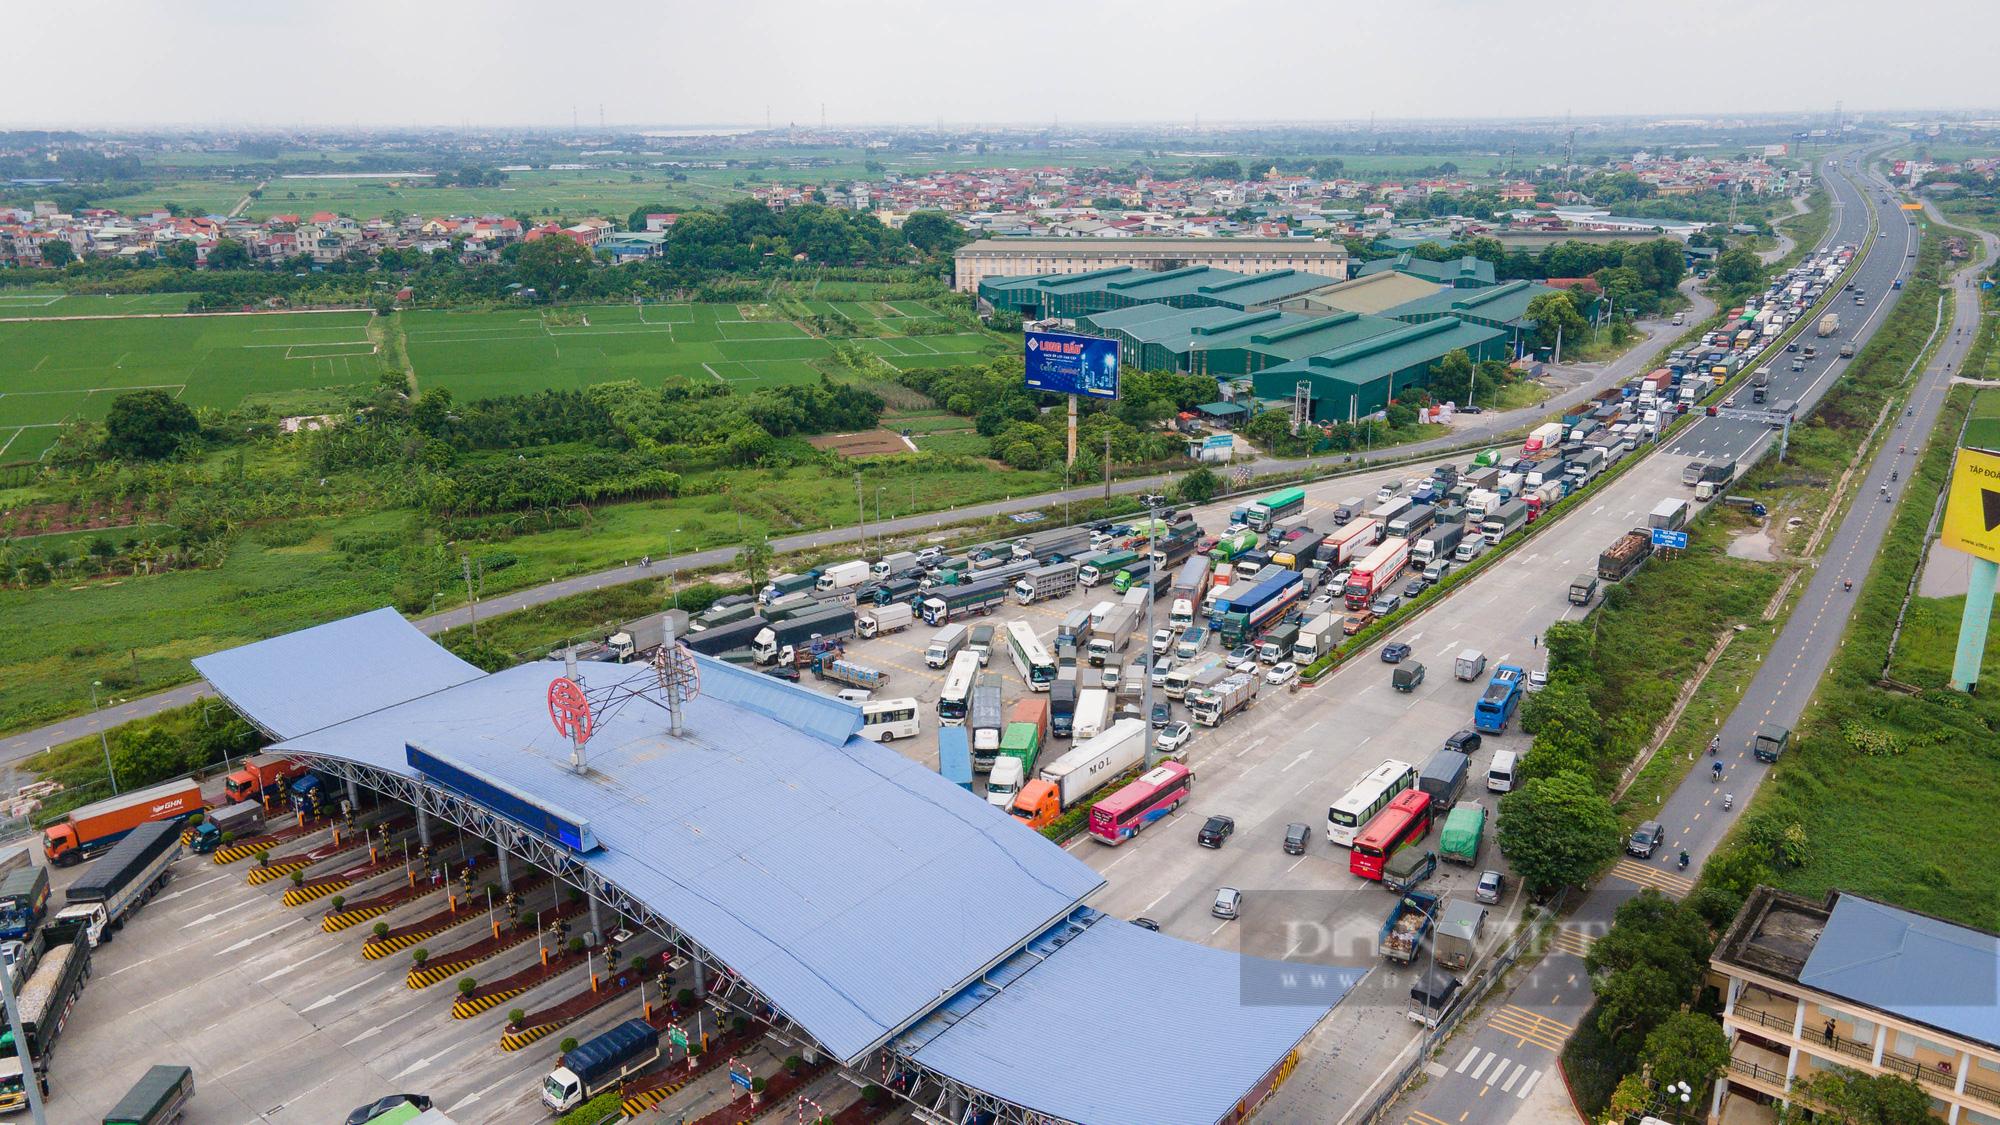 Tài xế đi hơn 1000km từ Vĩnh Long ra Hà Nội bị yêu cầu quay xe - Ảnh 11.